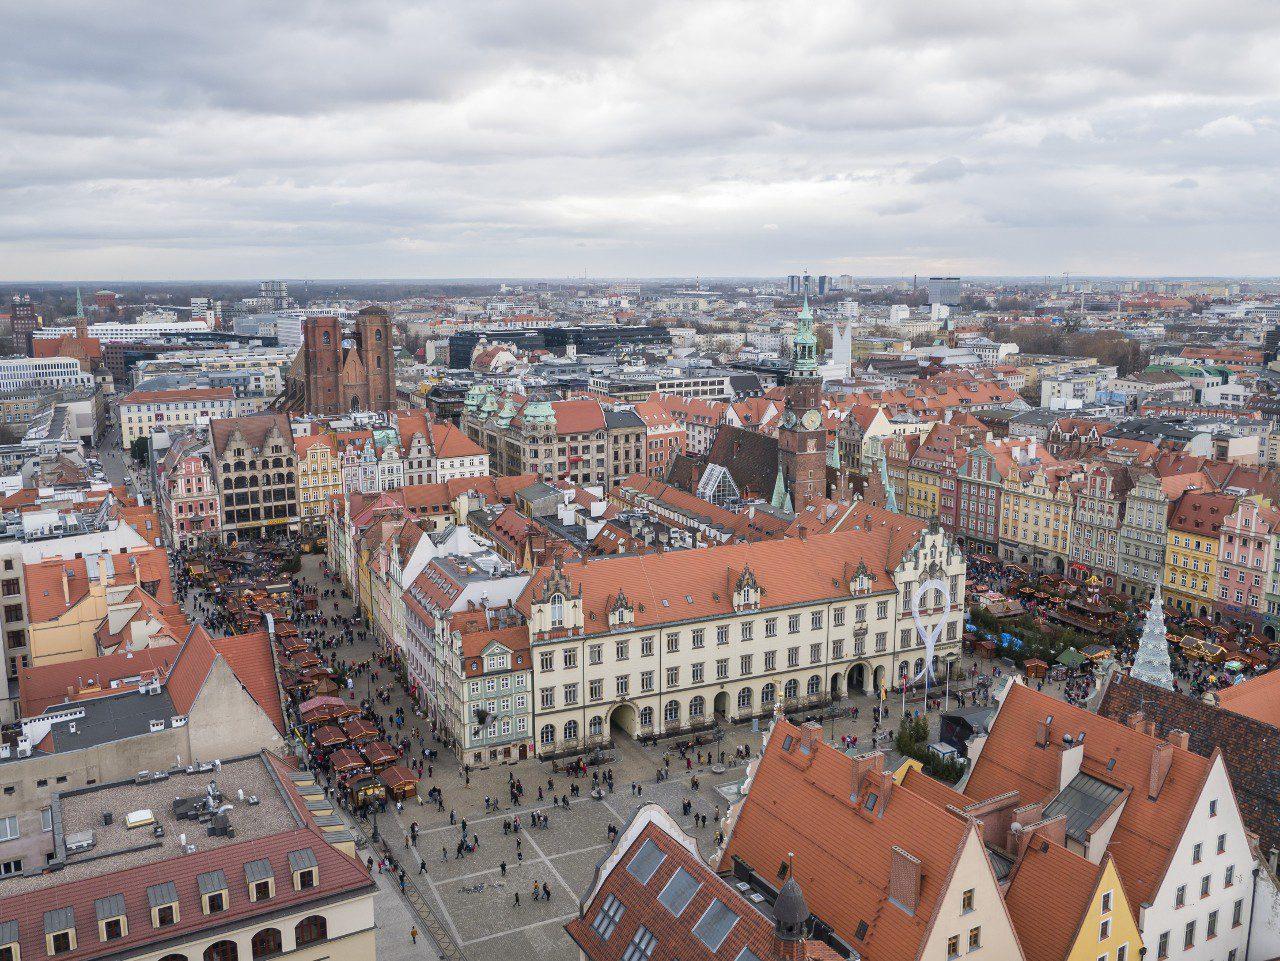 Widok na Rynek we Wrocławiu z punktu widokowego